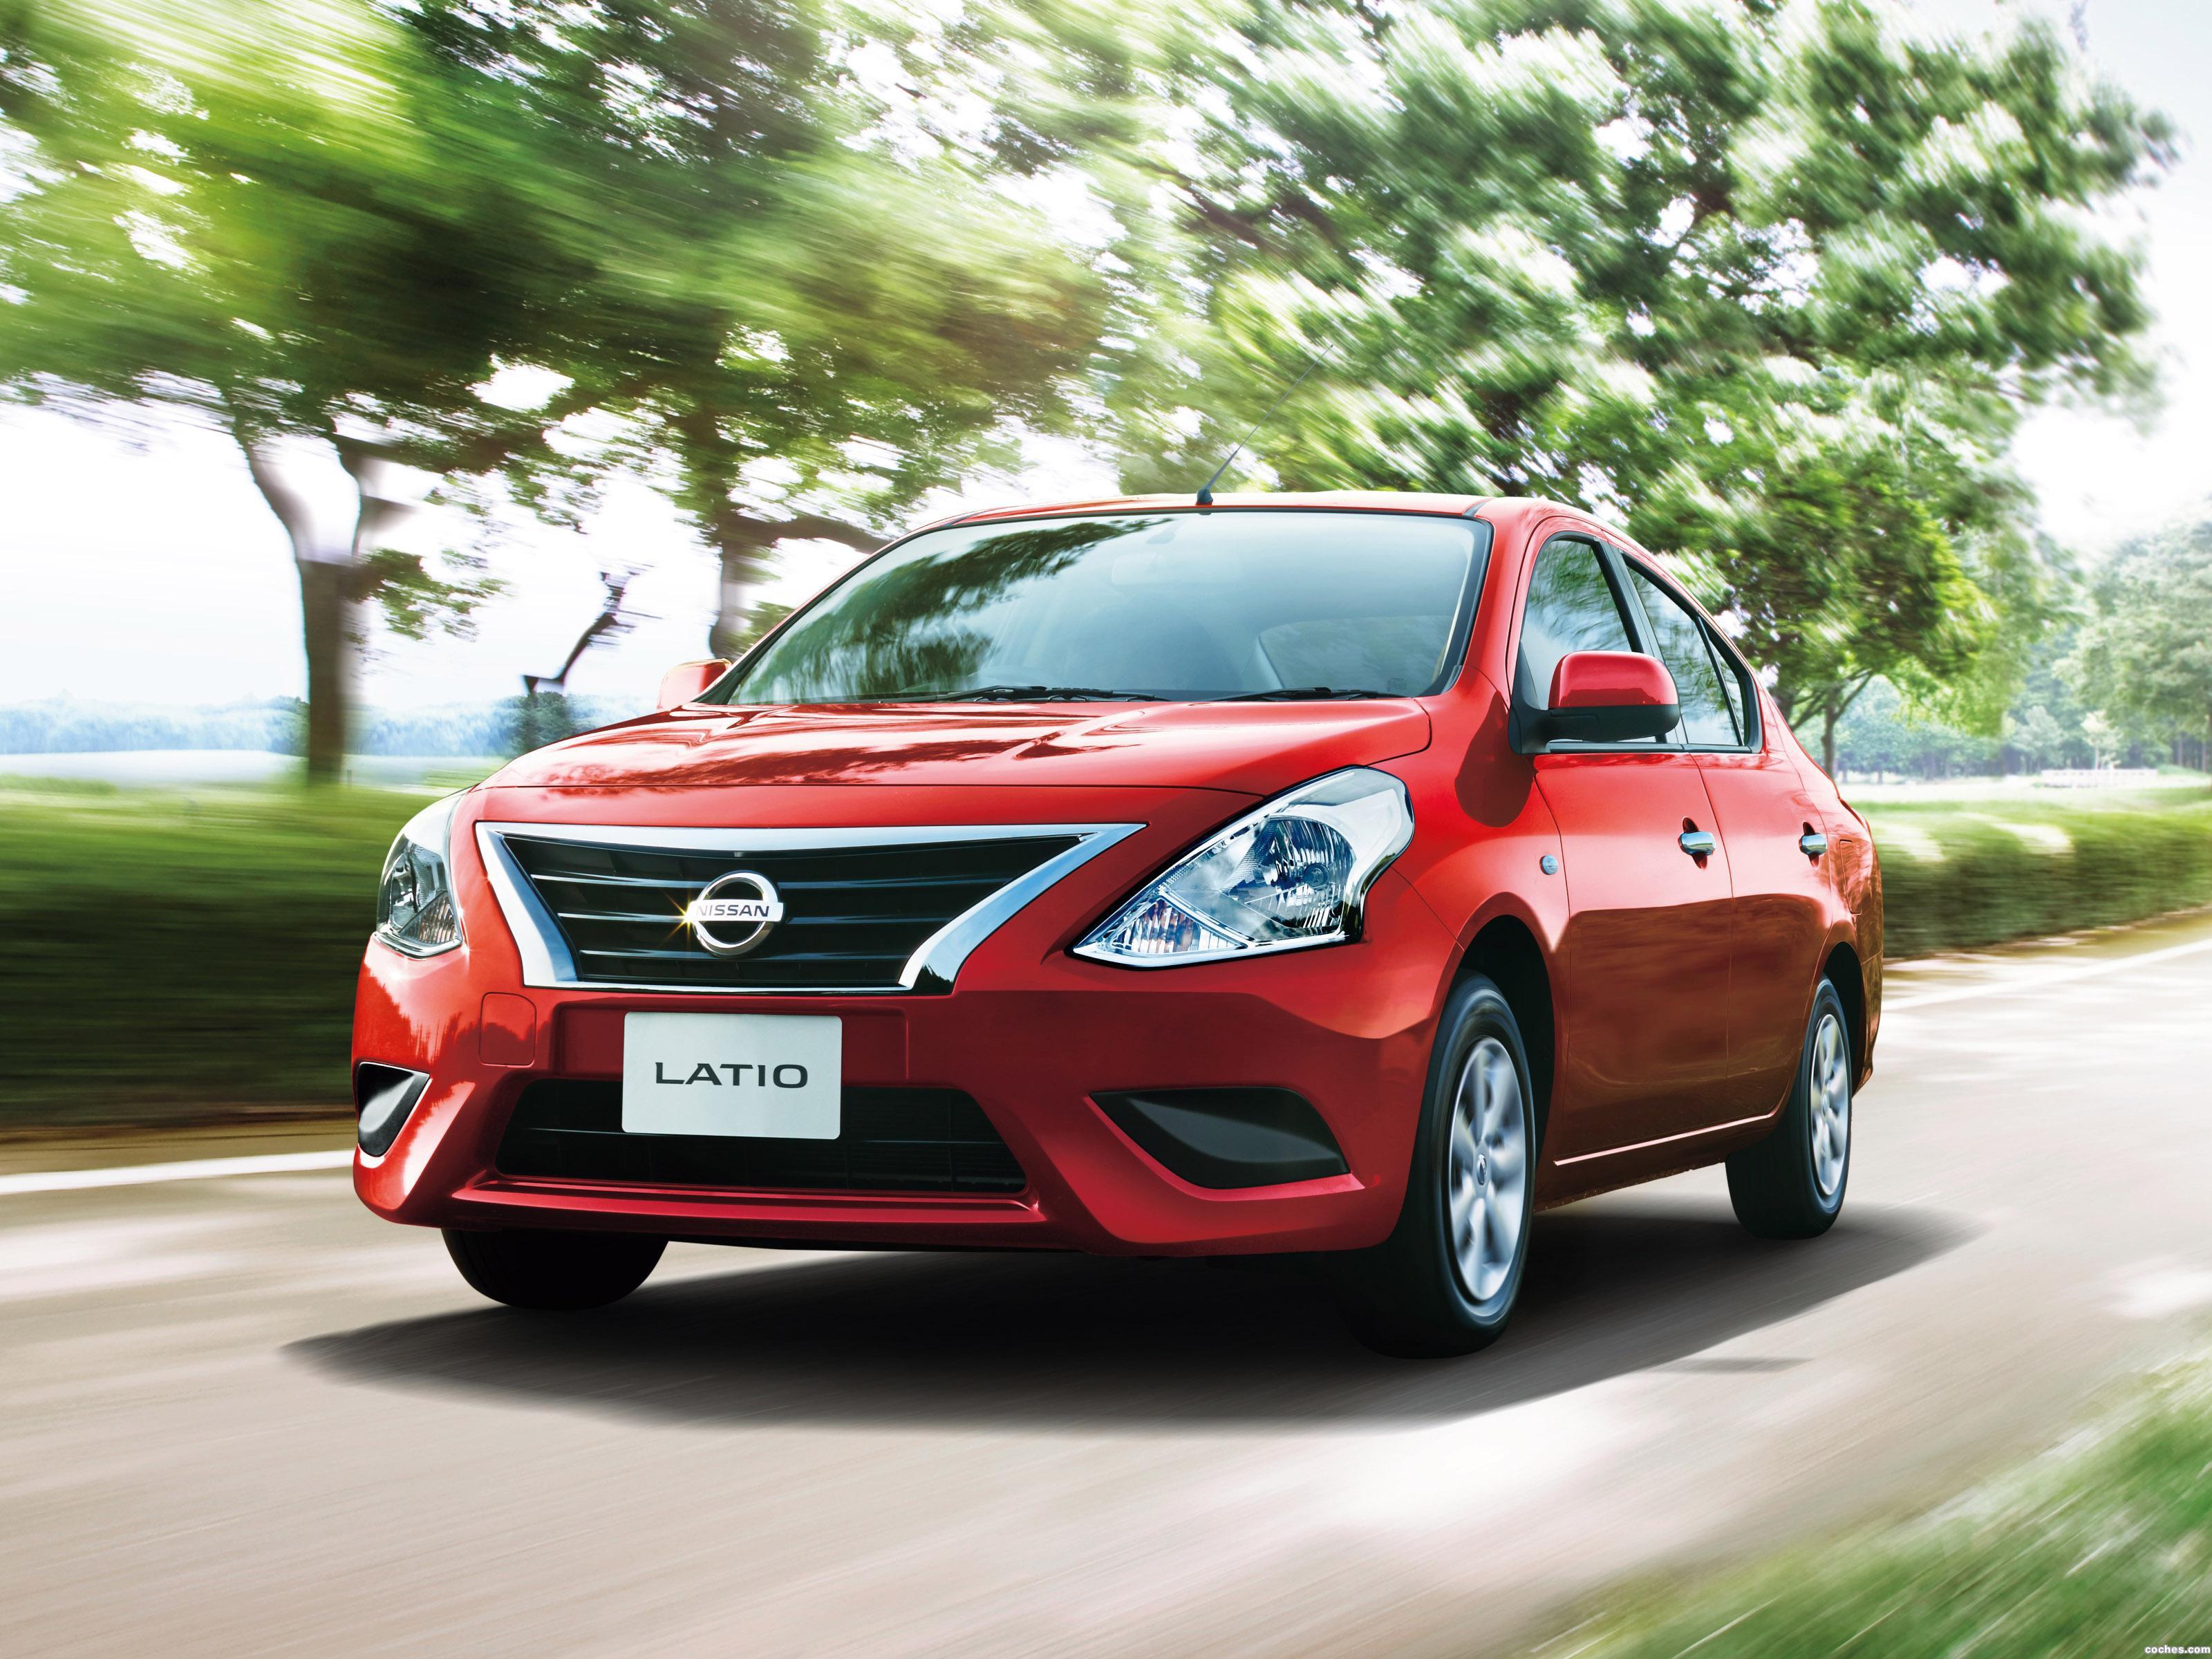 Foto 0 de Nissan Latio N17 2014